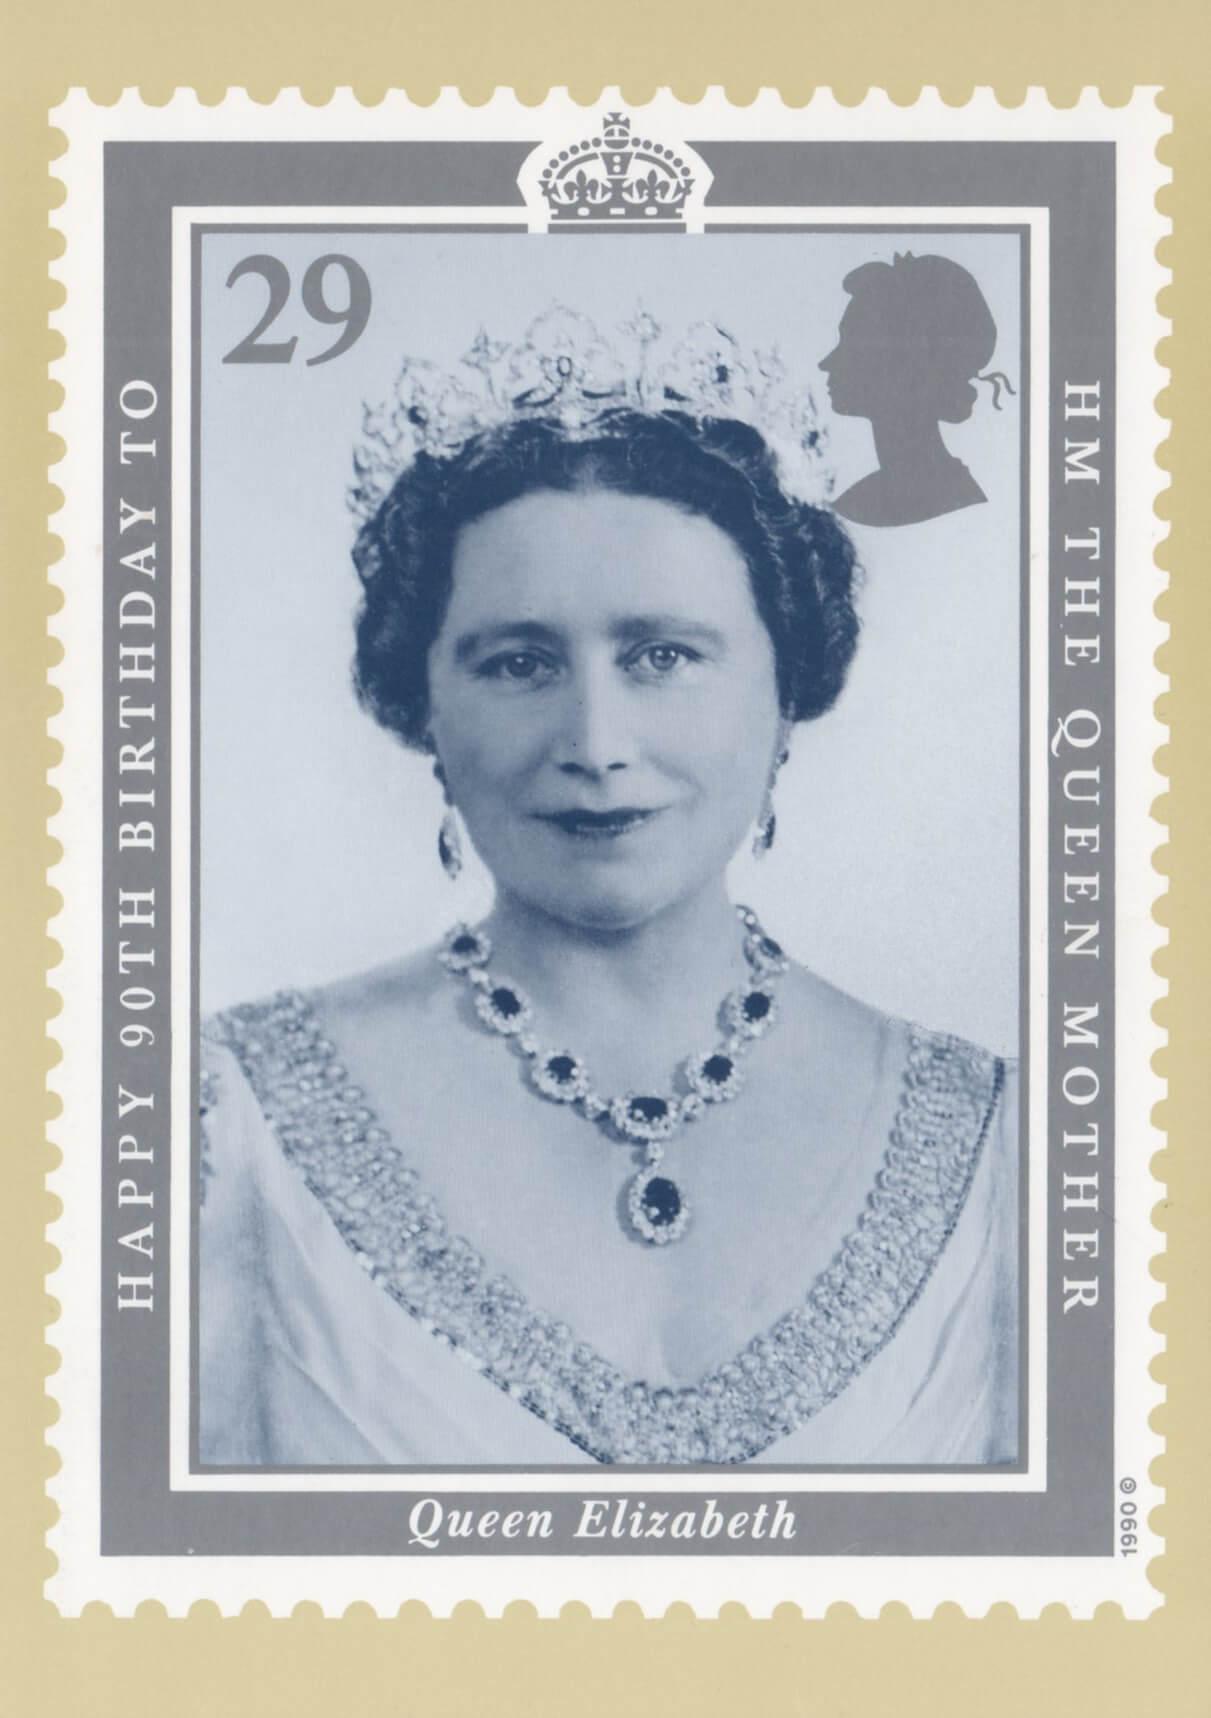 90th birthday of queen elizabeth the queen mother  1990